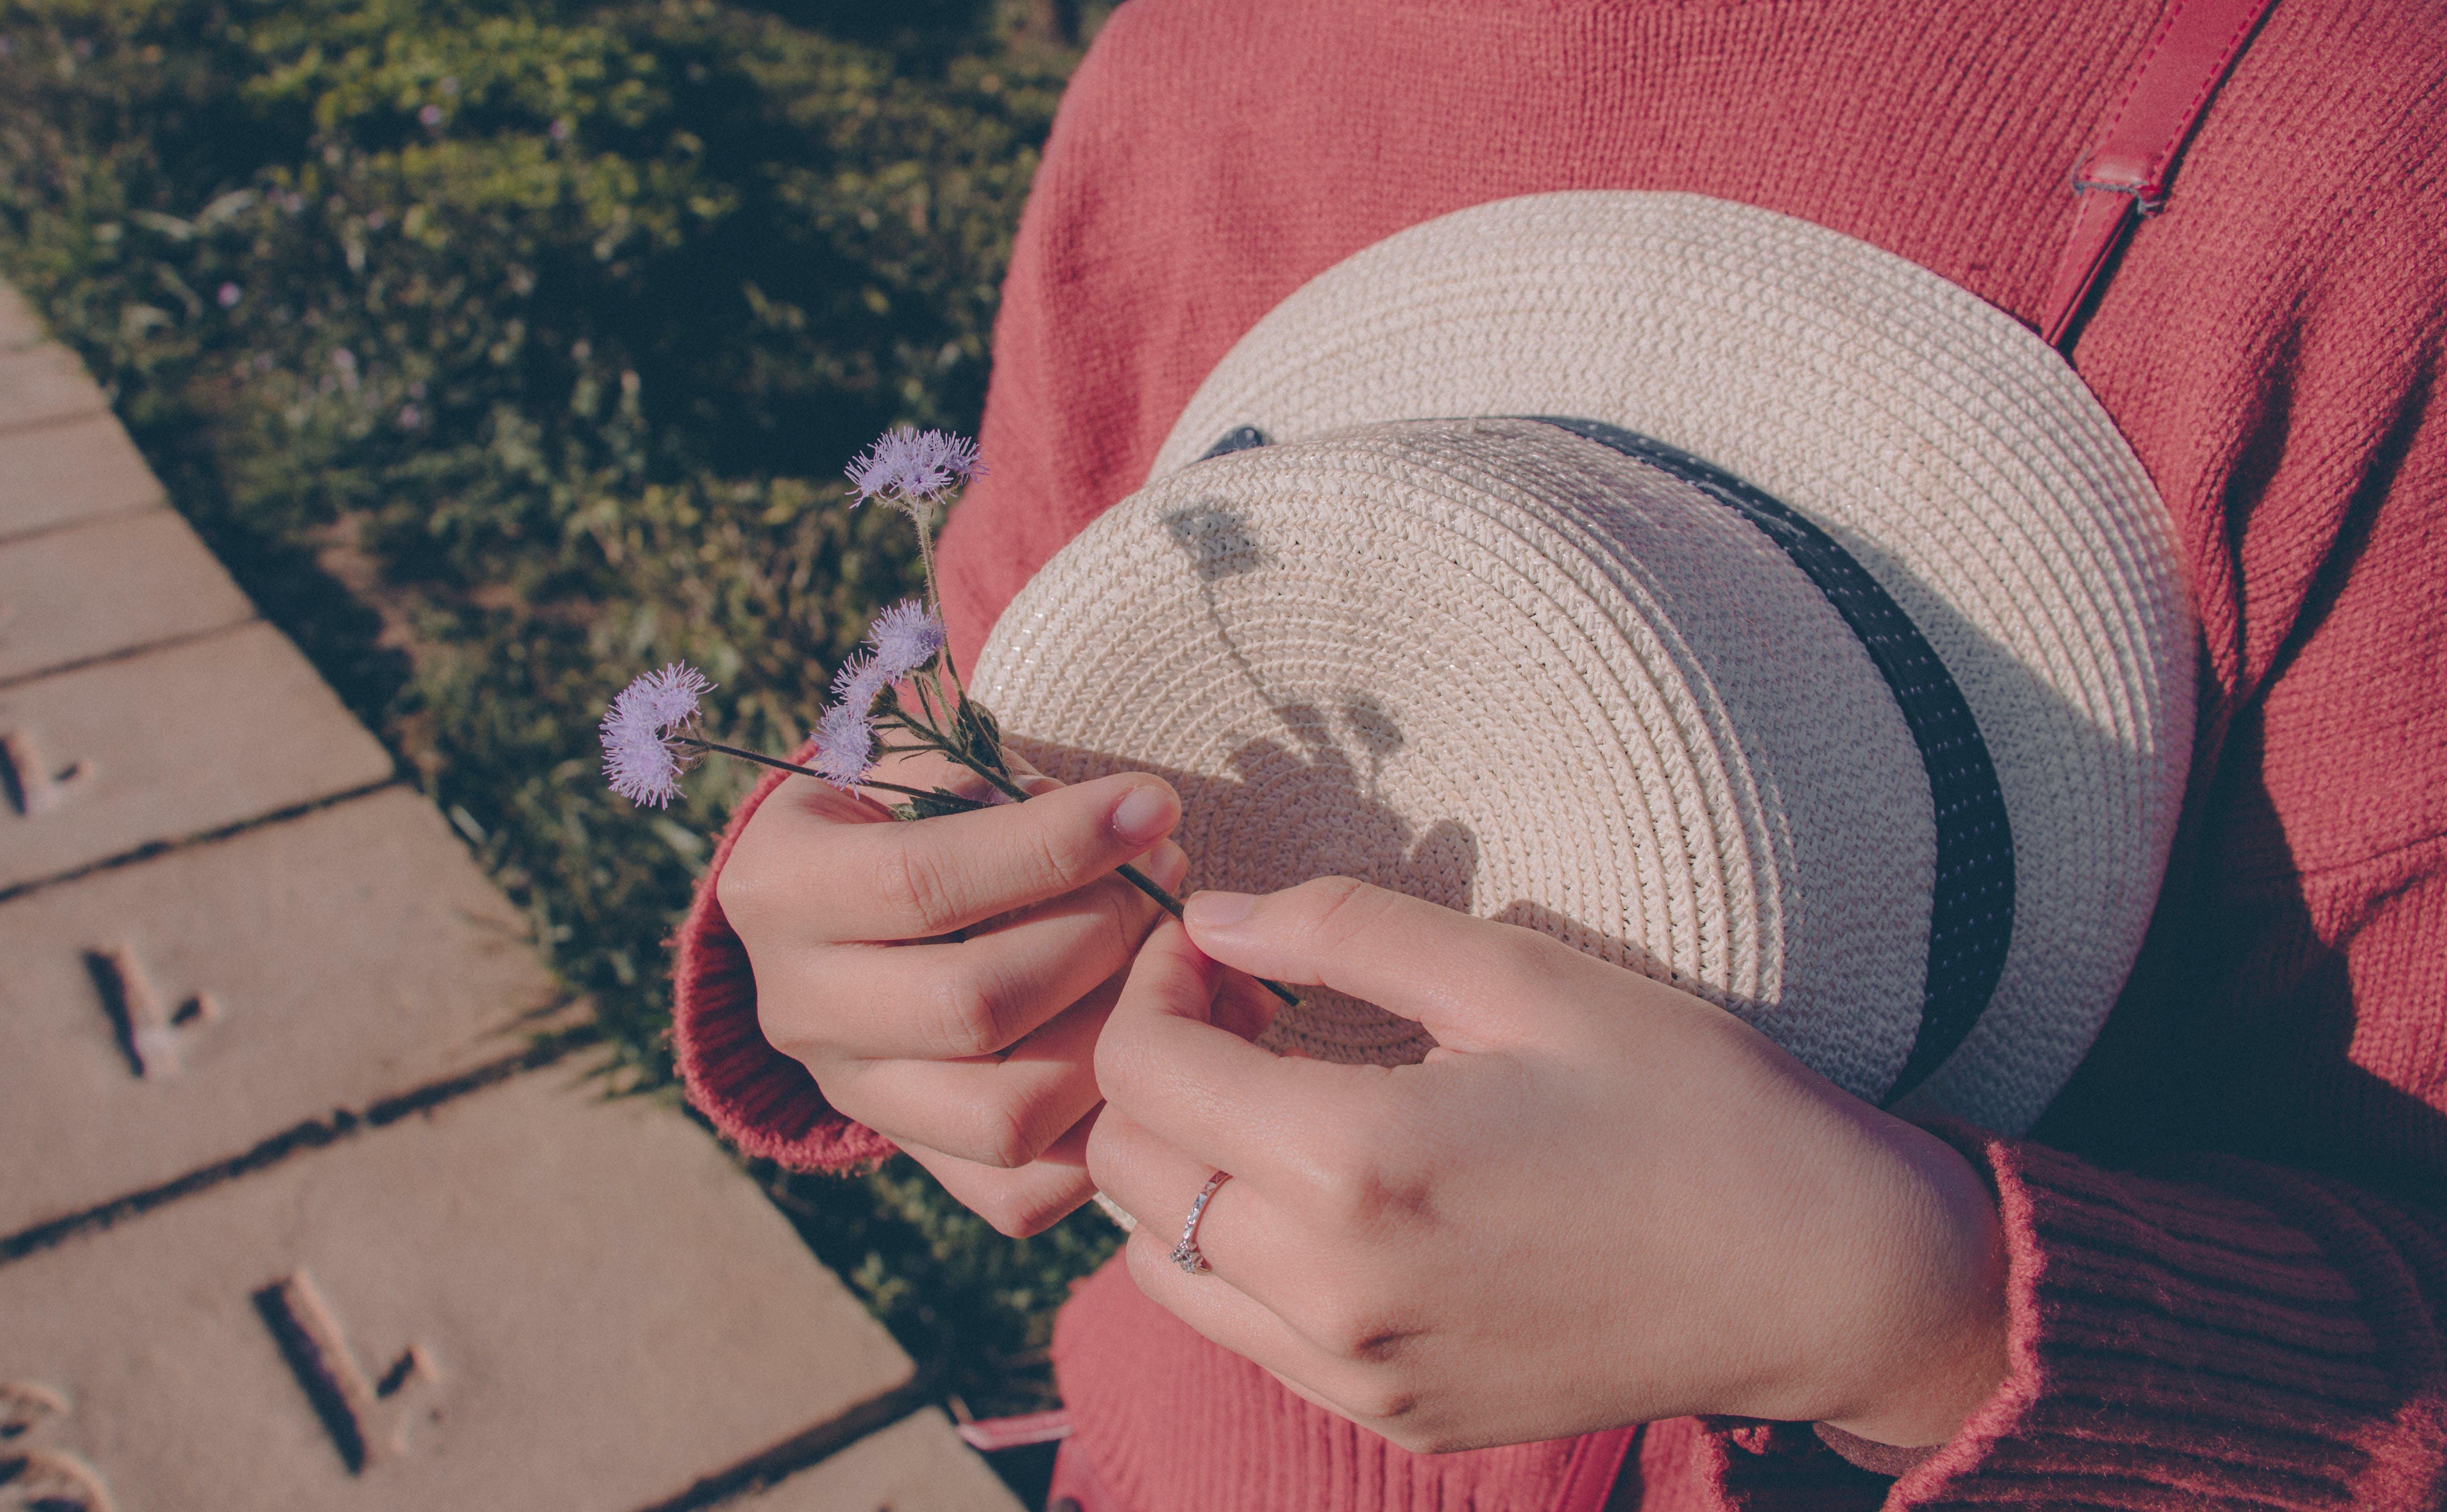 Gratis stockfoto met bloemen, dag, fashion, gebreide sweater